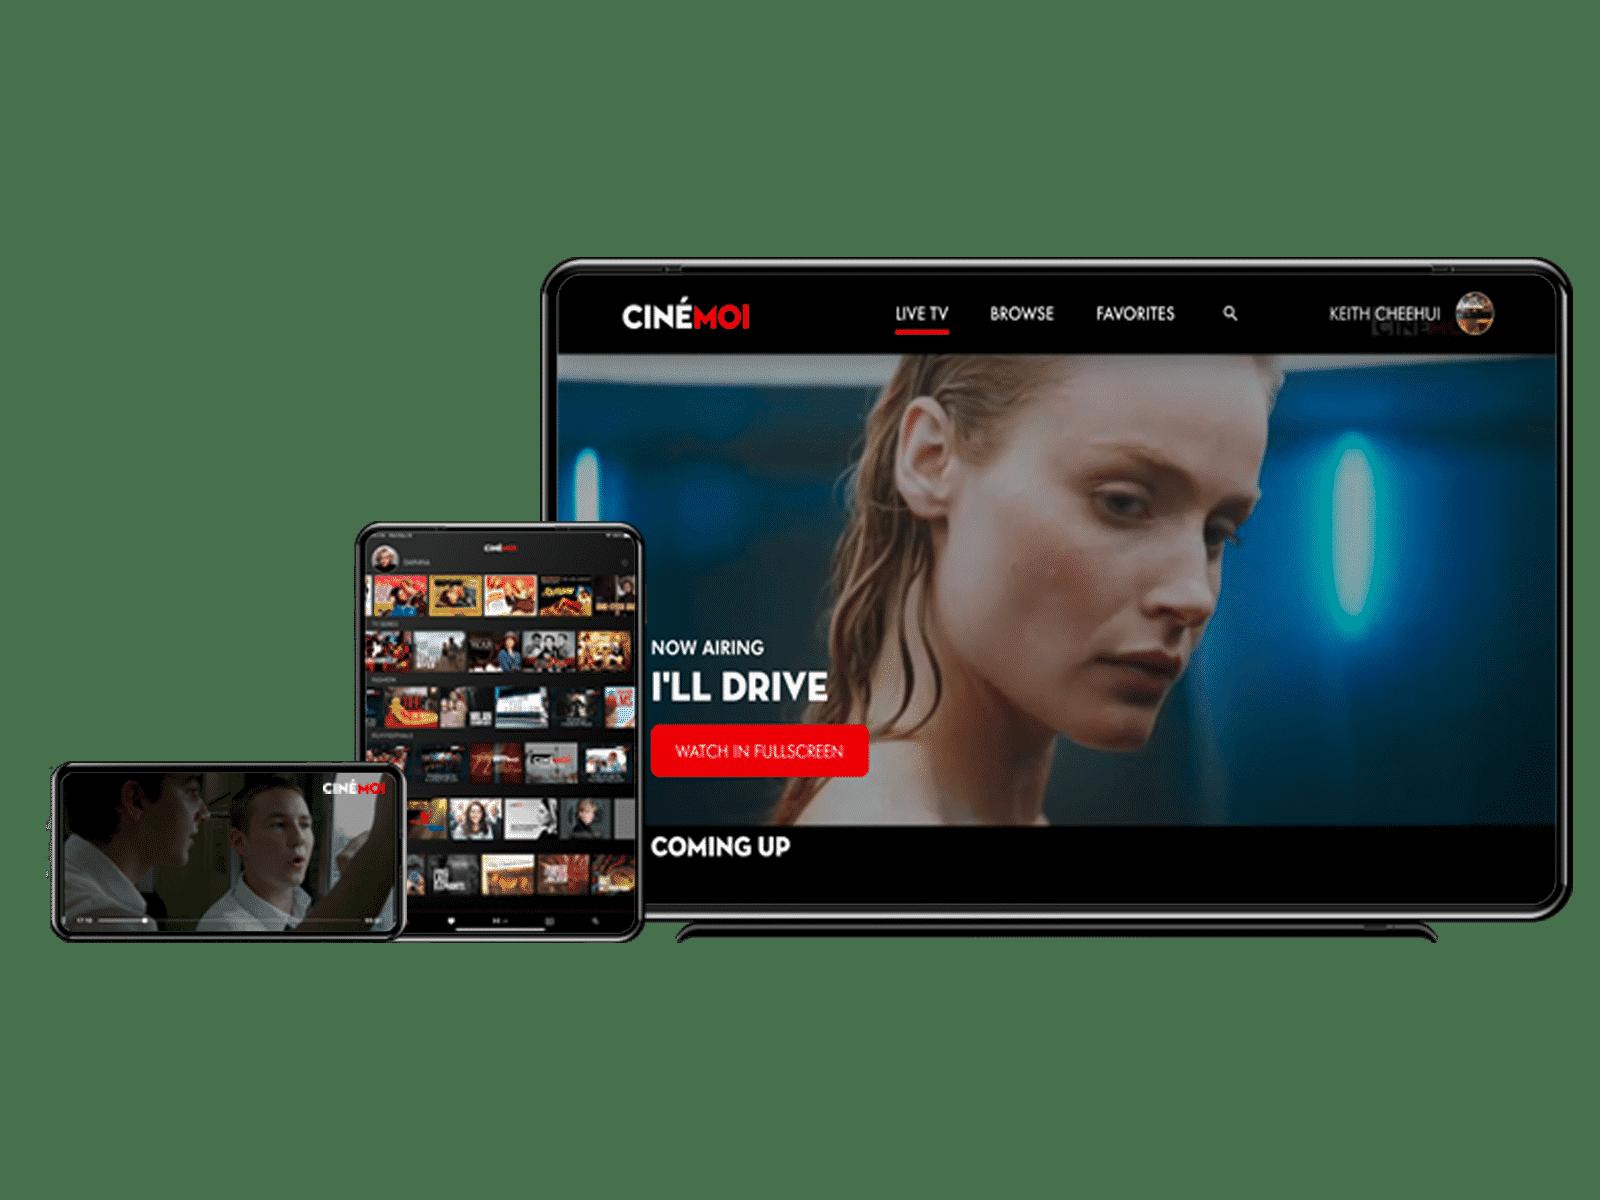 Cinémoi on all your devices